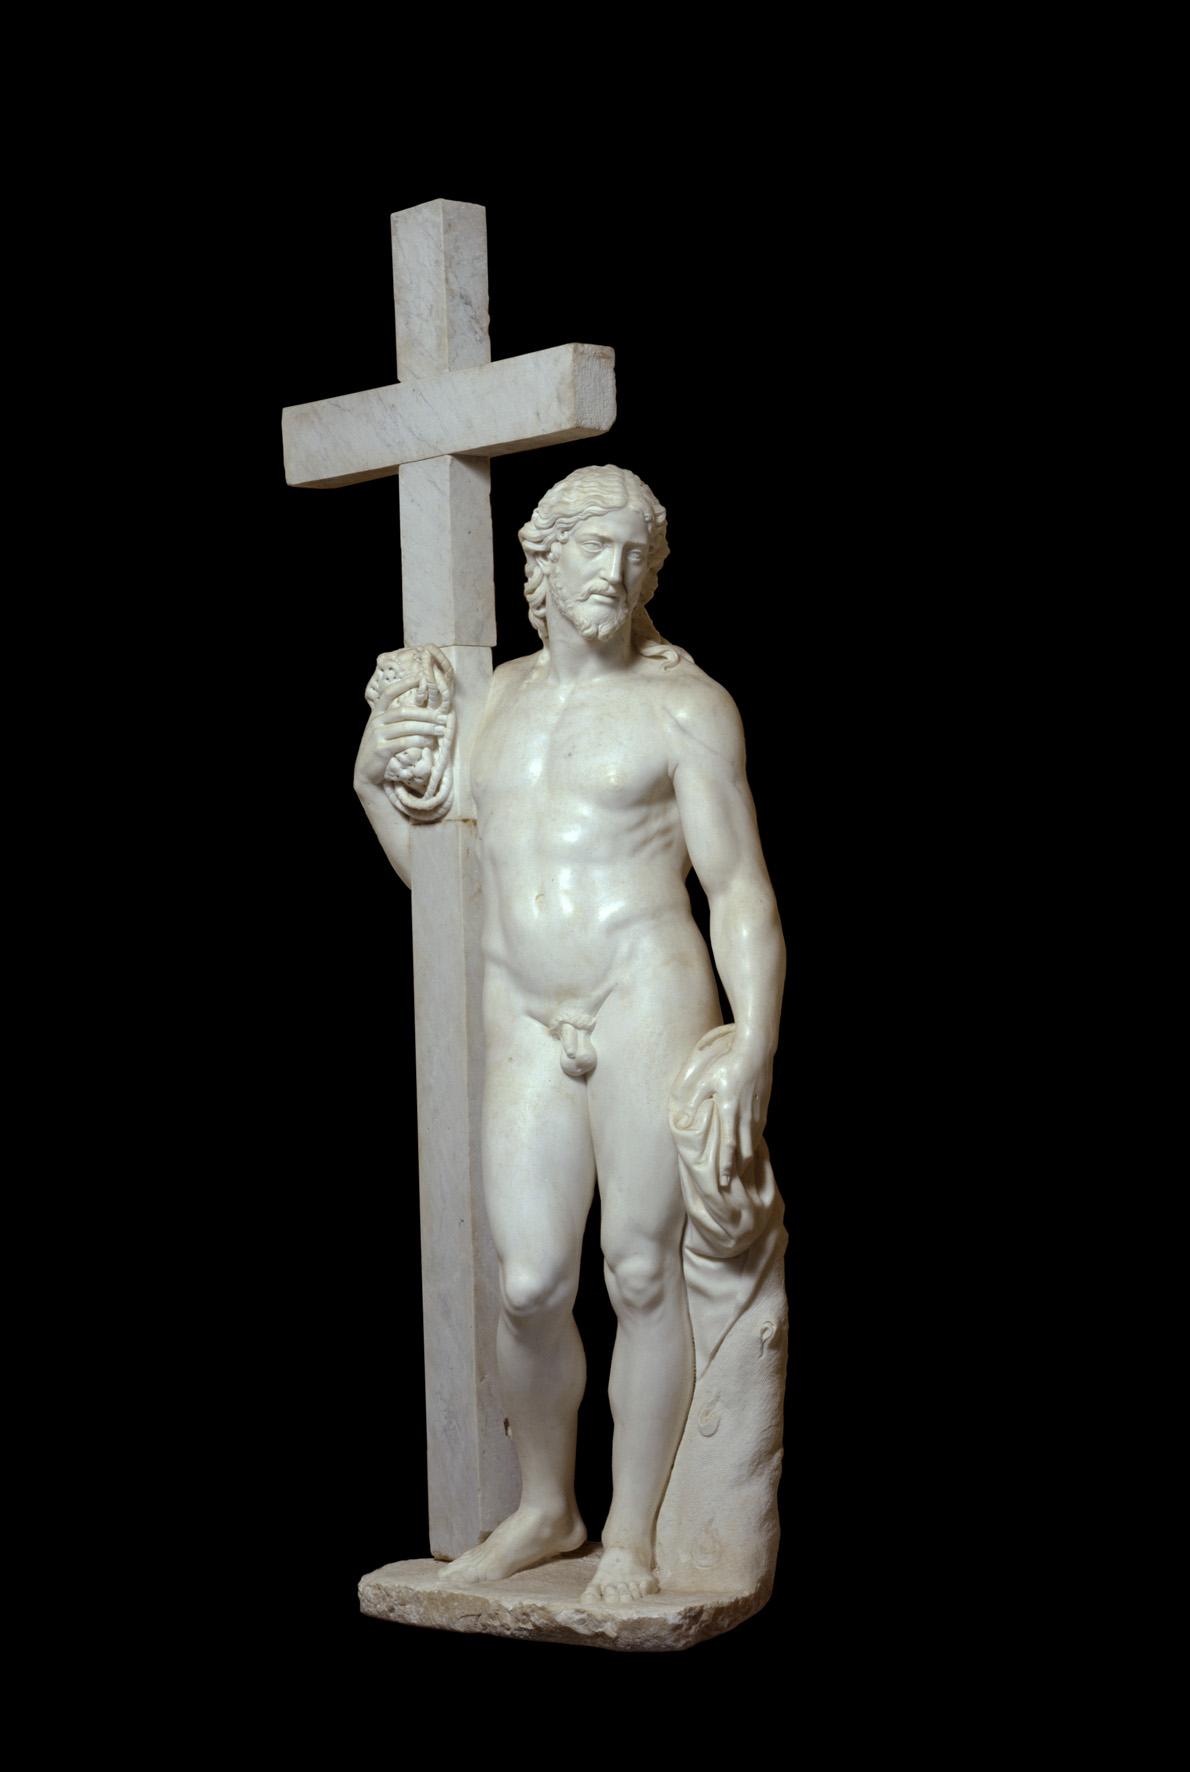 Michelangelo Buonarroti e anonimi, Cristo risorto, marmo. Monastero di San Vincenzo Martire, Bassano Romano. © Alessandro Vasari. Courtesy National Gallery